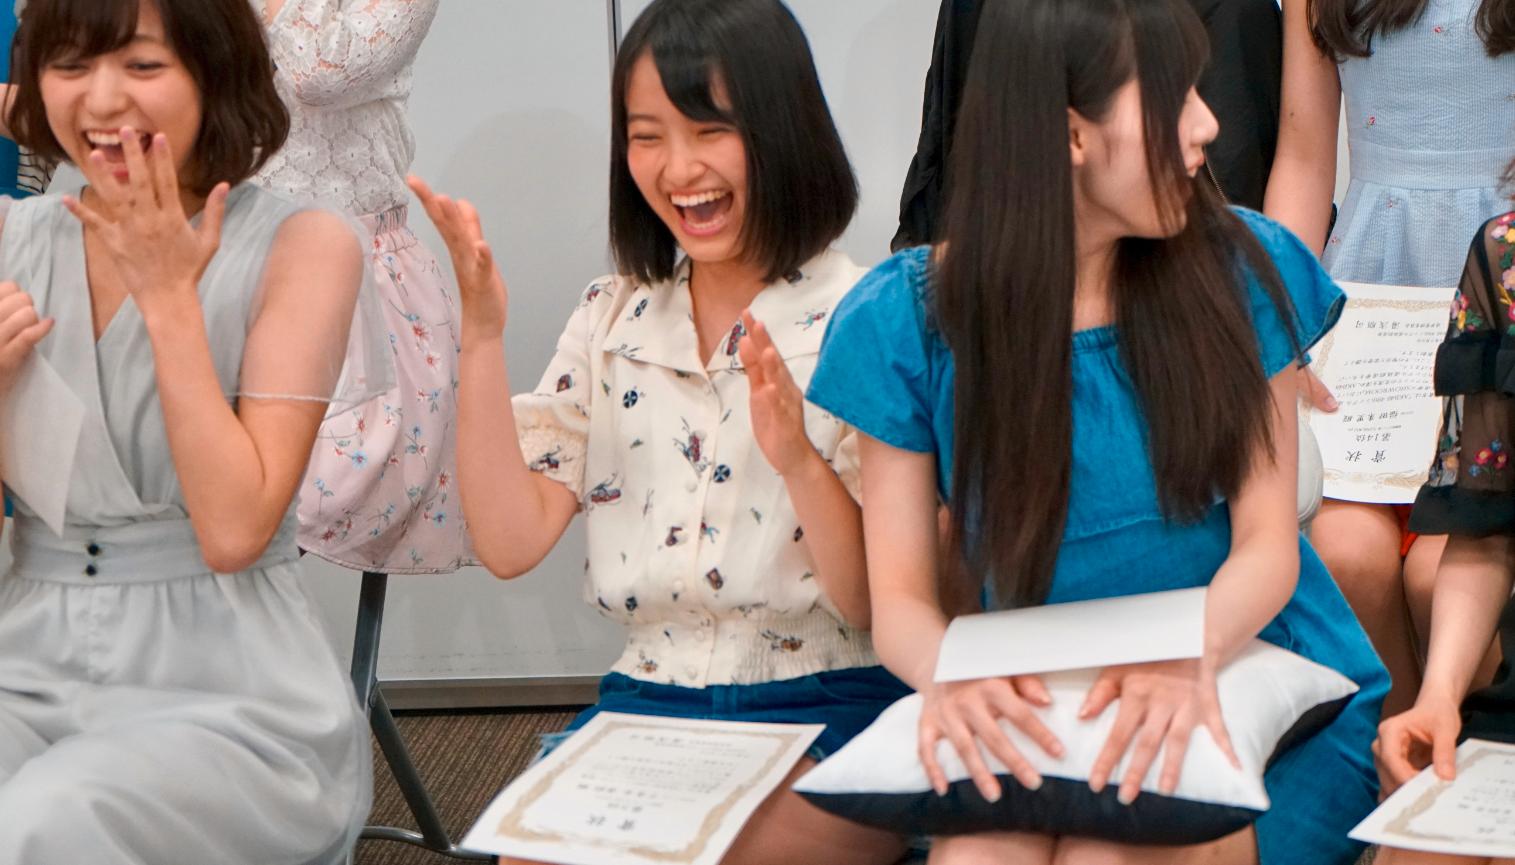 「第9回AKB48総選挙×SRイベント 上位16名お礼特番!」でのサプライズ発表(2017年7月)